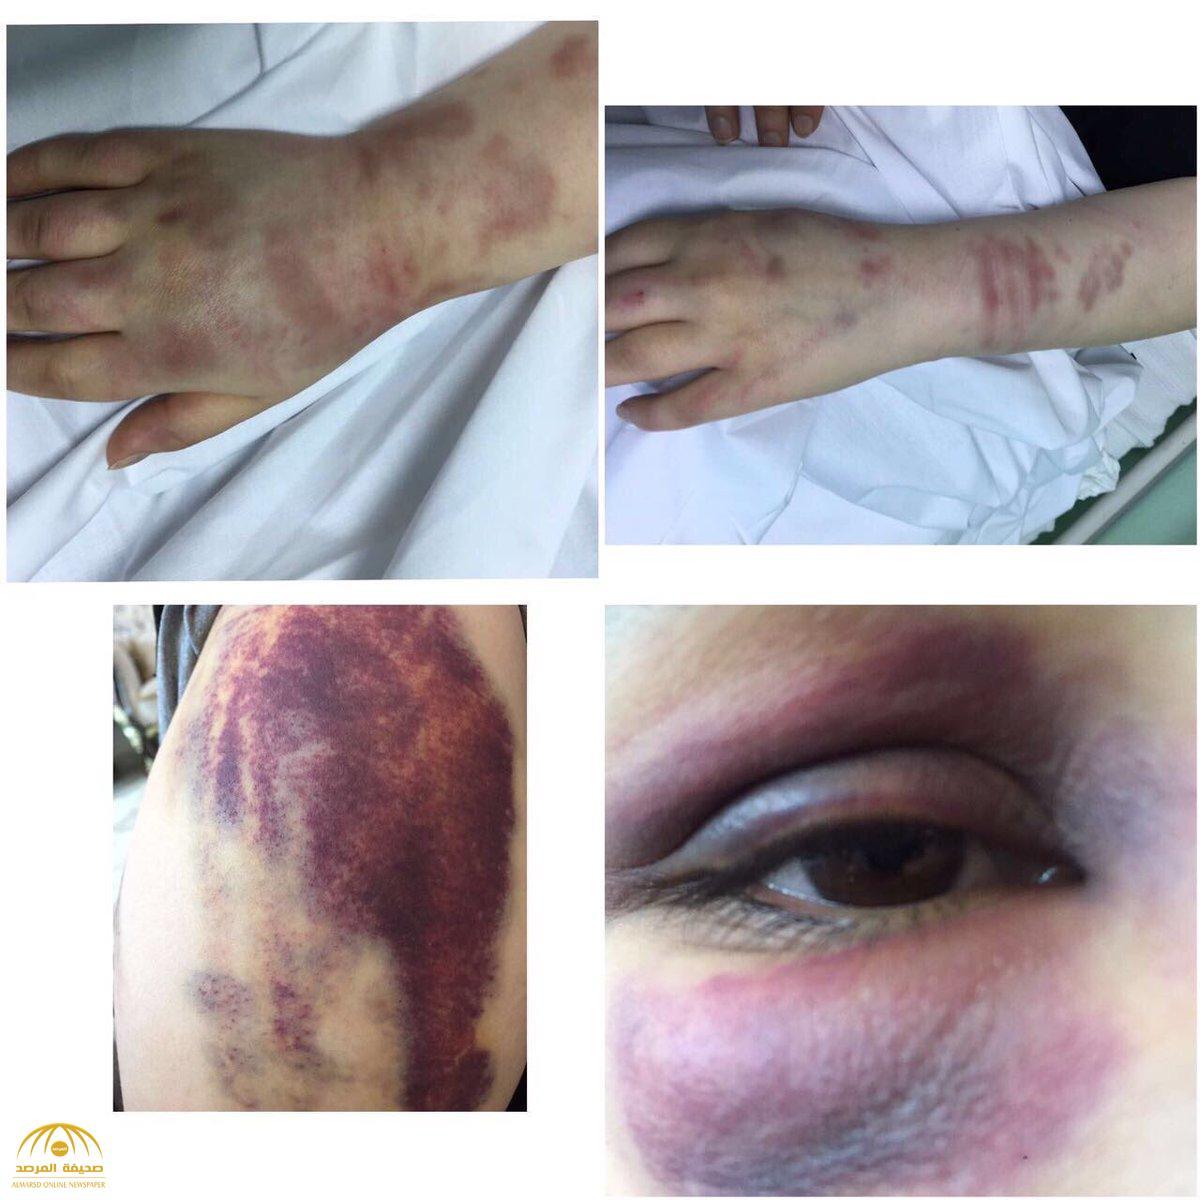 """""""سعودية"""" تتعرض للضرب المبرح من زوجها.. وهكذا تفاعلت """"العمل"""" ! -صور"""